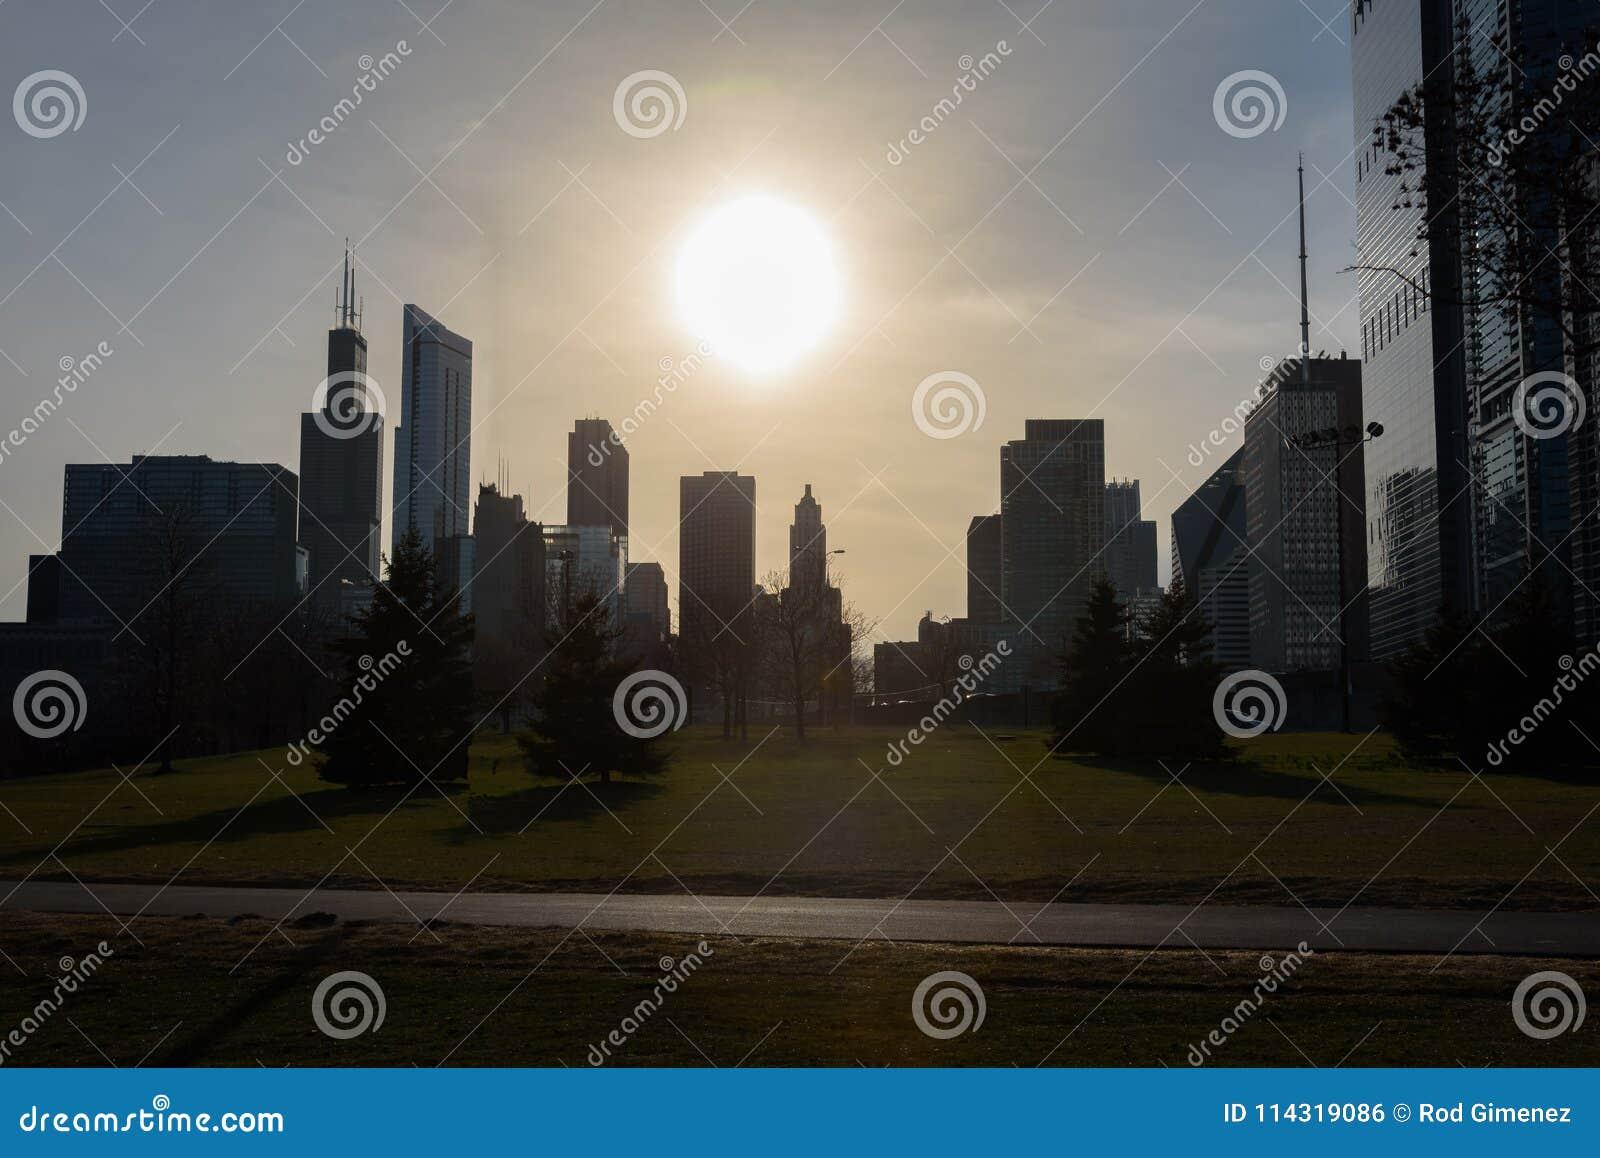 Στο κέντρο της πόλης σκιαγραφία του Σικάγου που πυροβολείται κατά τη διάρκεια του ηλιοβασιλέματος